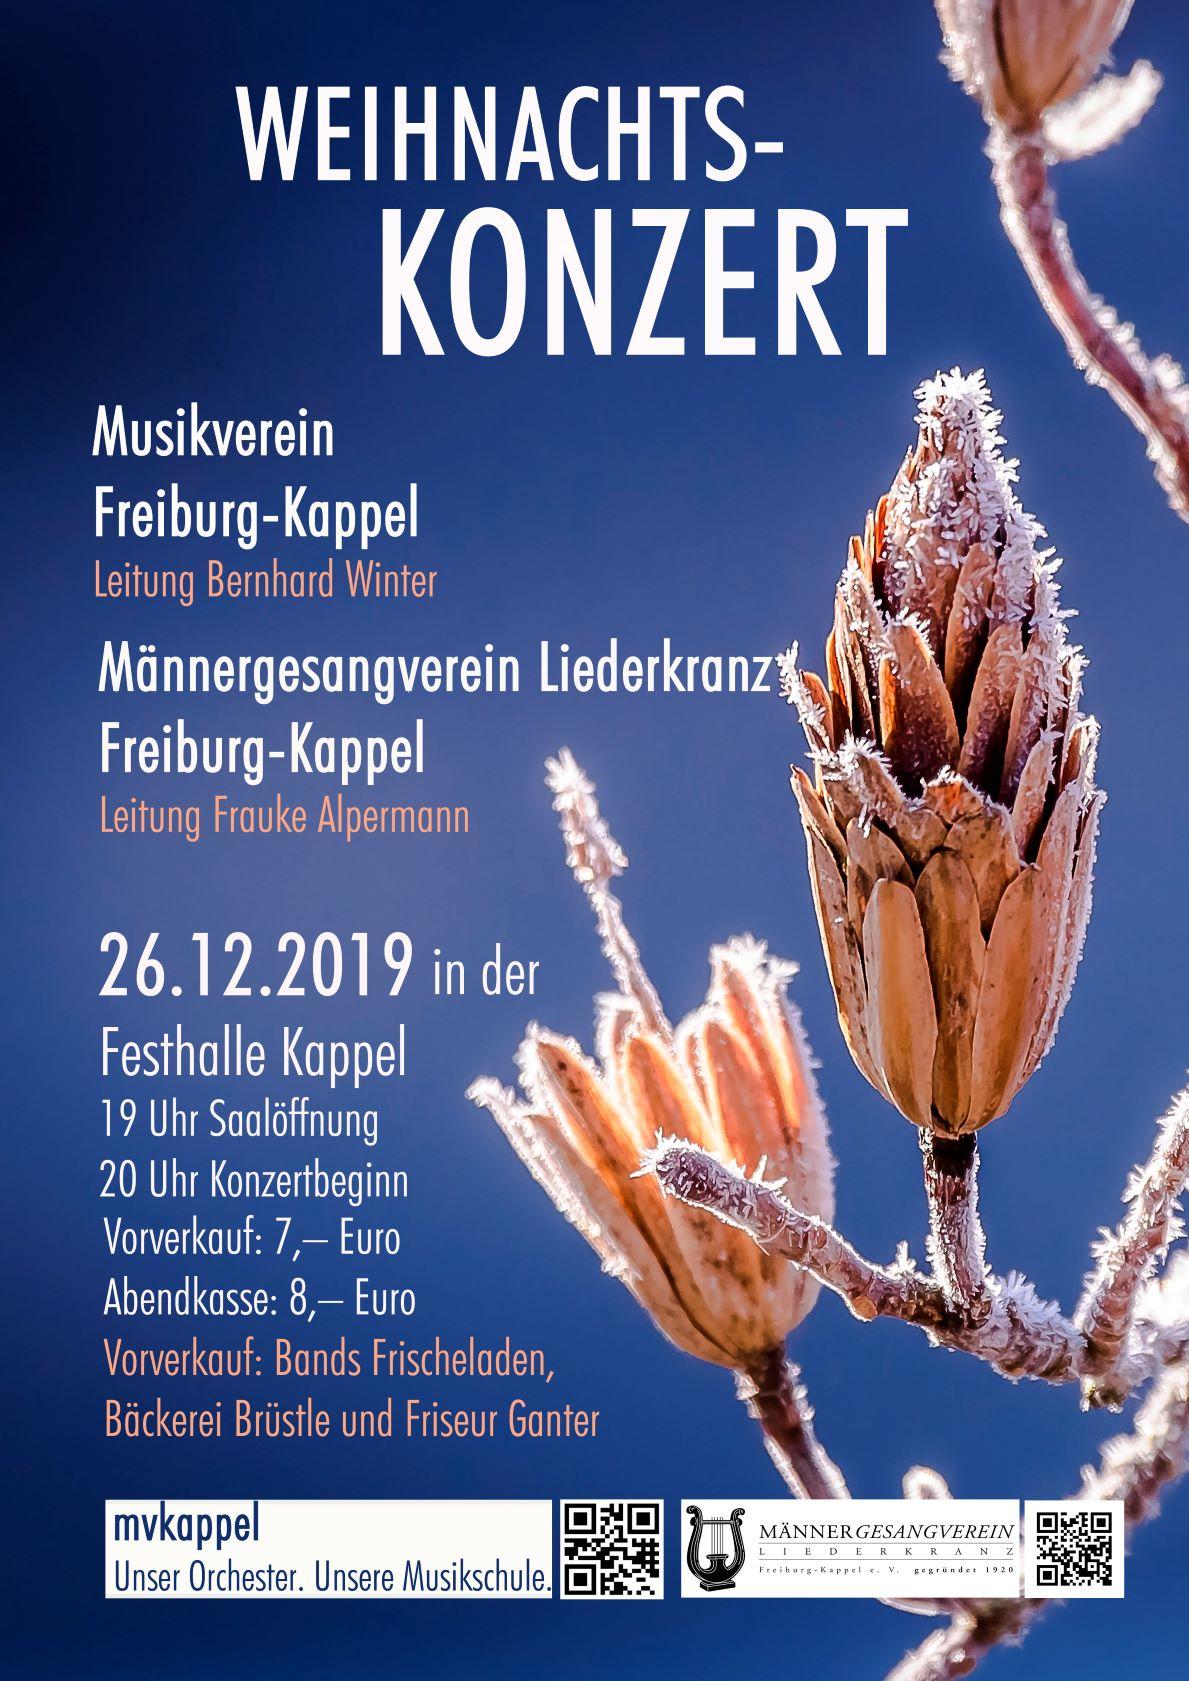 mvkappel - Weihnachtskonzert 2019